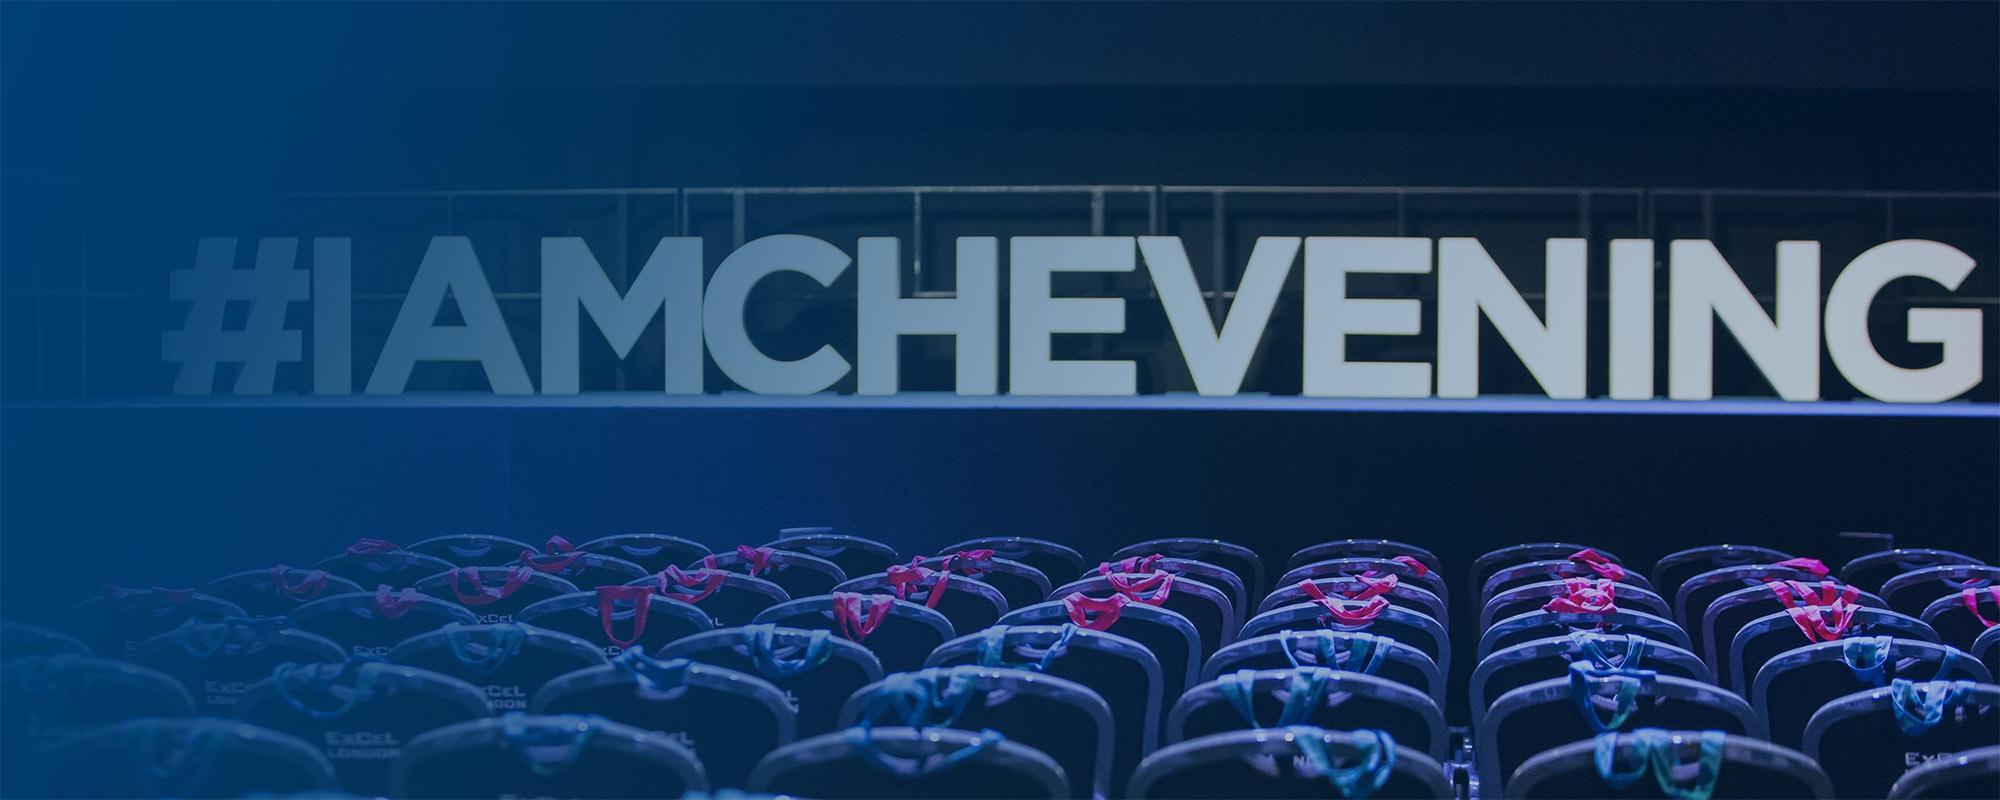 2020/21年 Chevening 英國政府獎學金已正式對外開放申請!